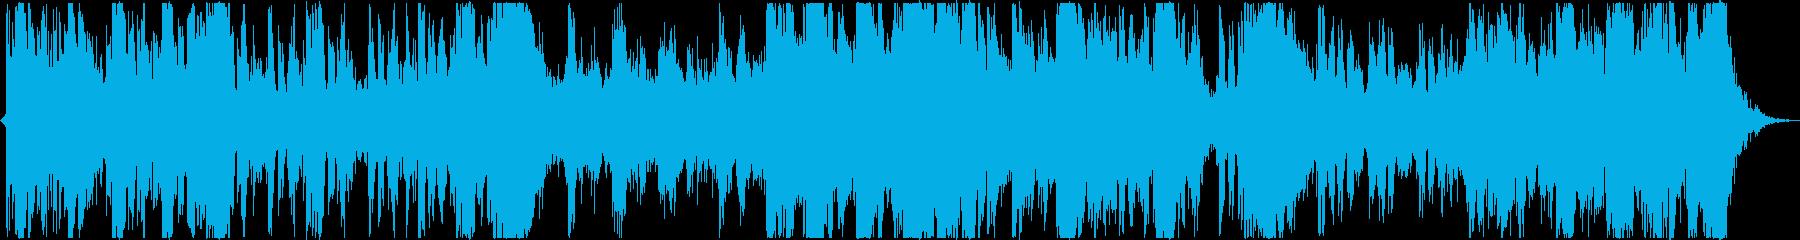 現代的 交響曲 エレクトロ バトル...の再生済みの波形